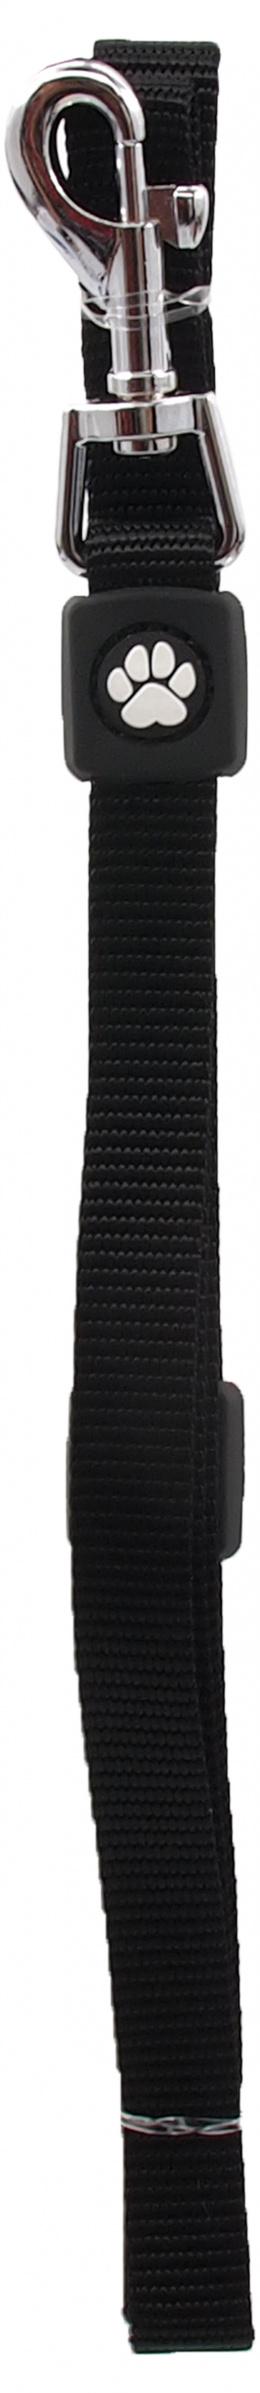 Vodítko Active Dog Premium S černé 1,5x120cm